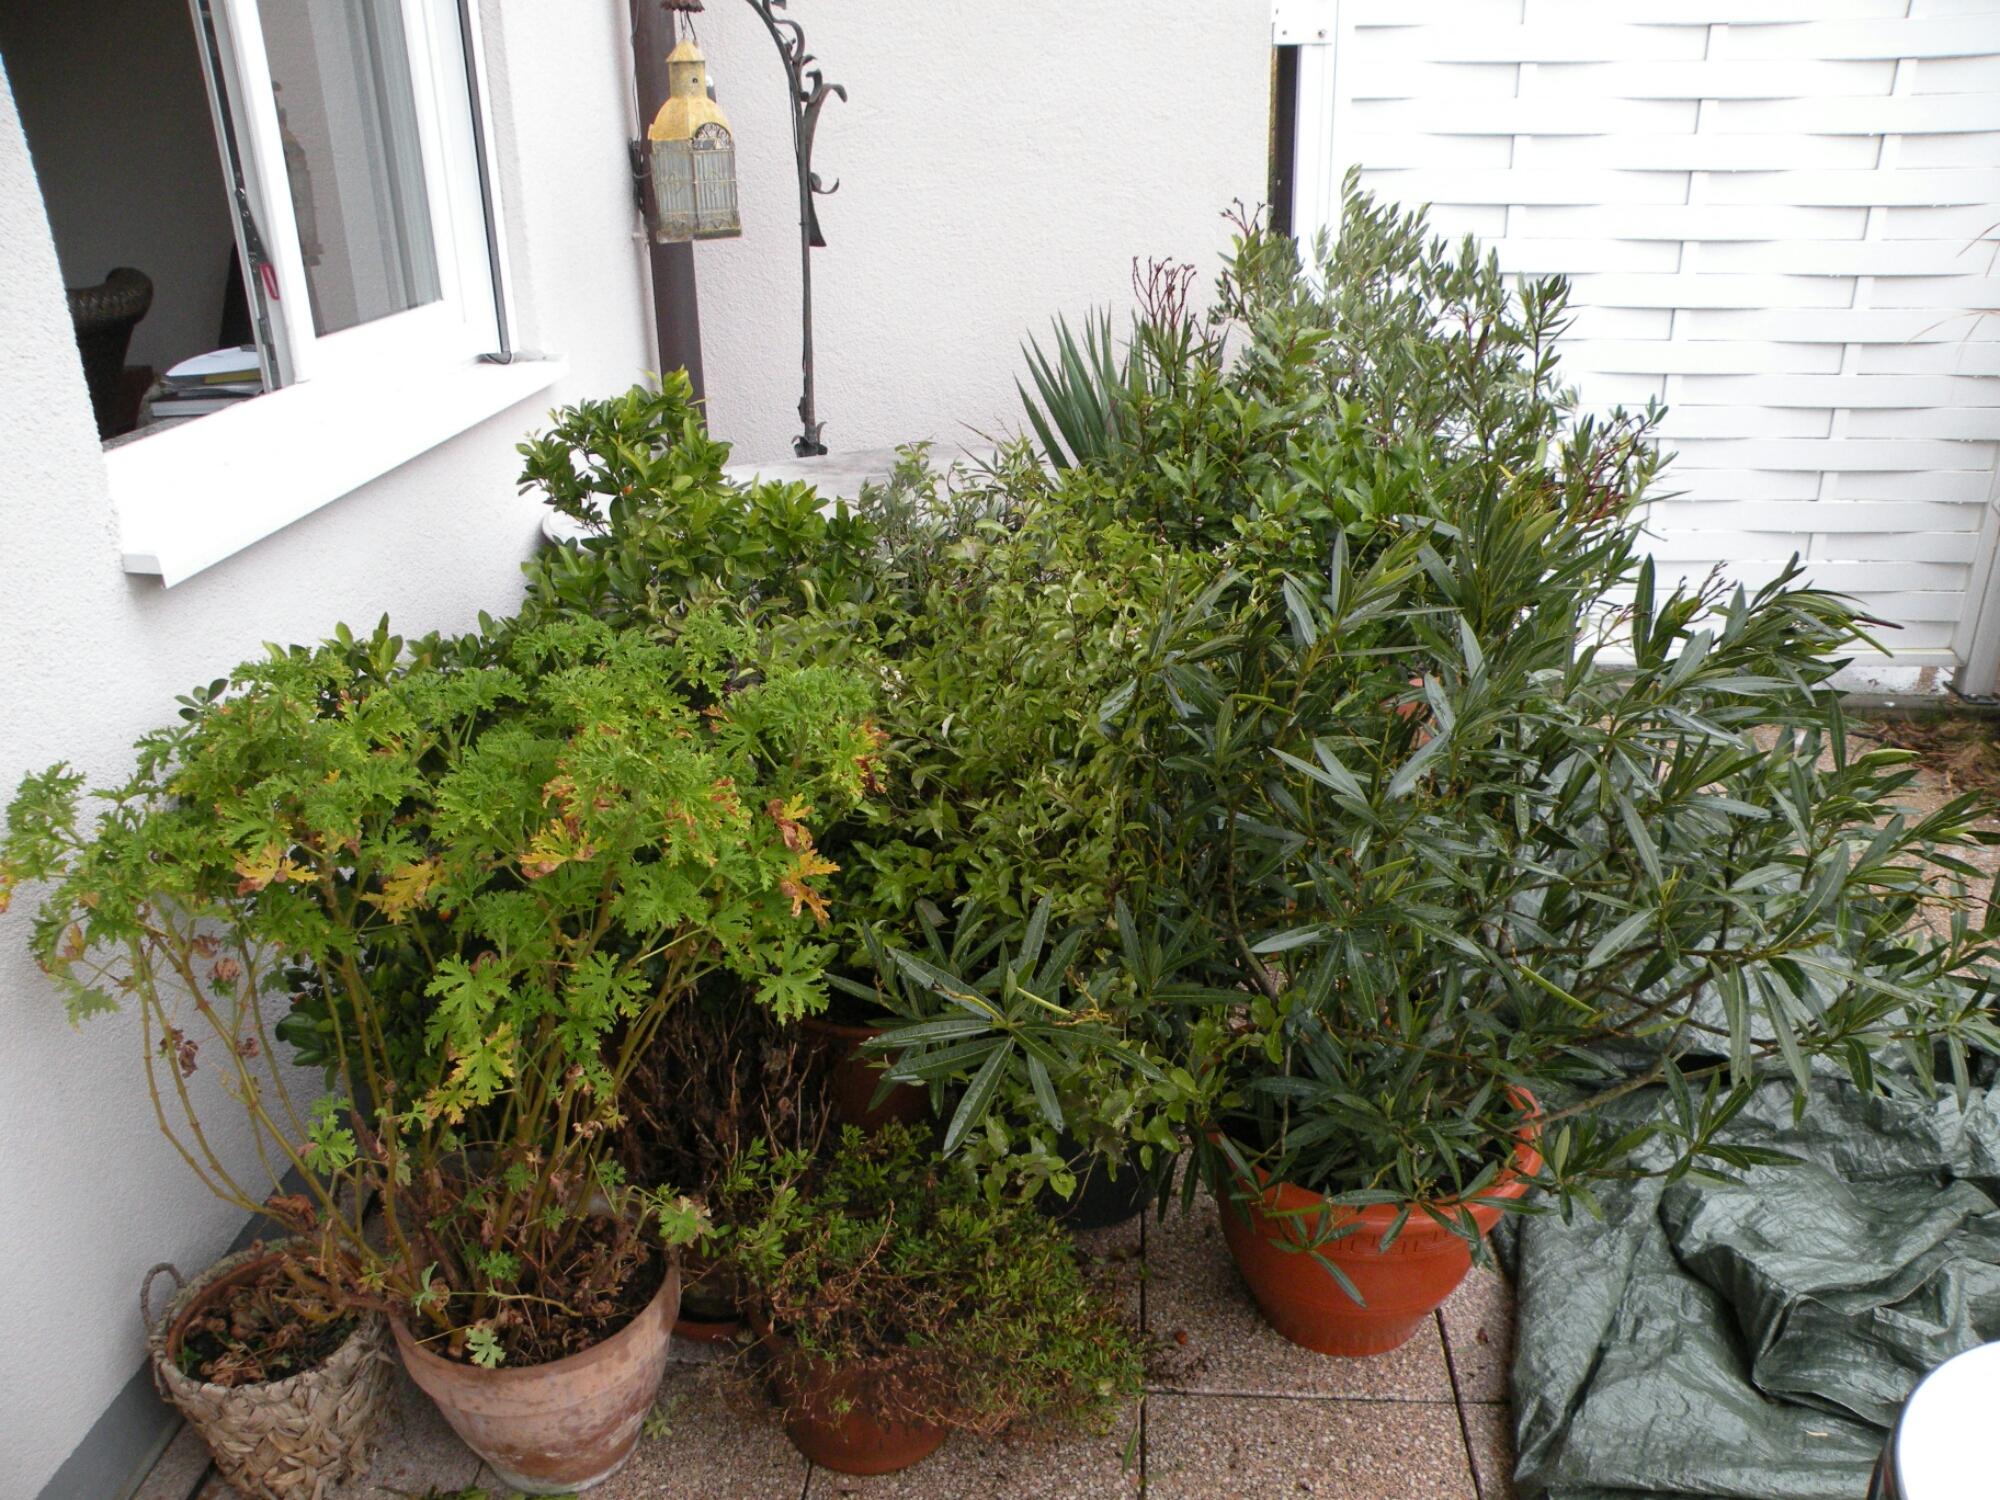 Kübelpflanzen mit bereitliegender Abdeckplane